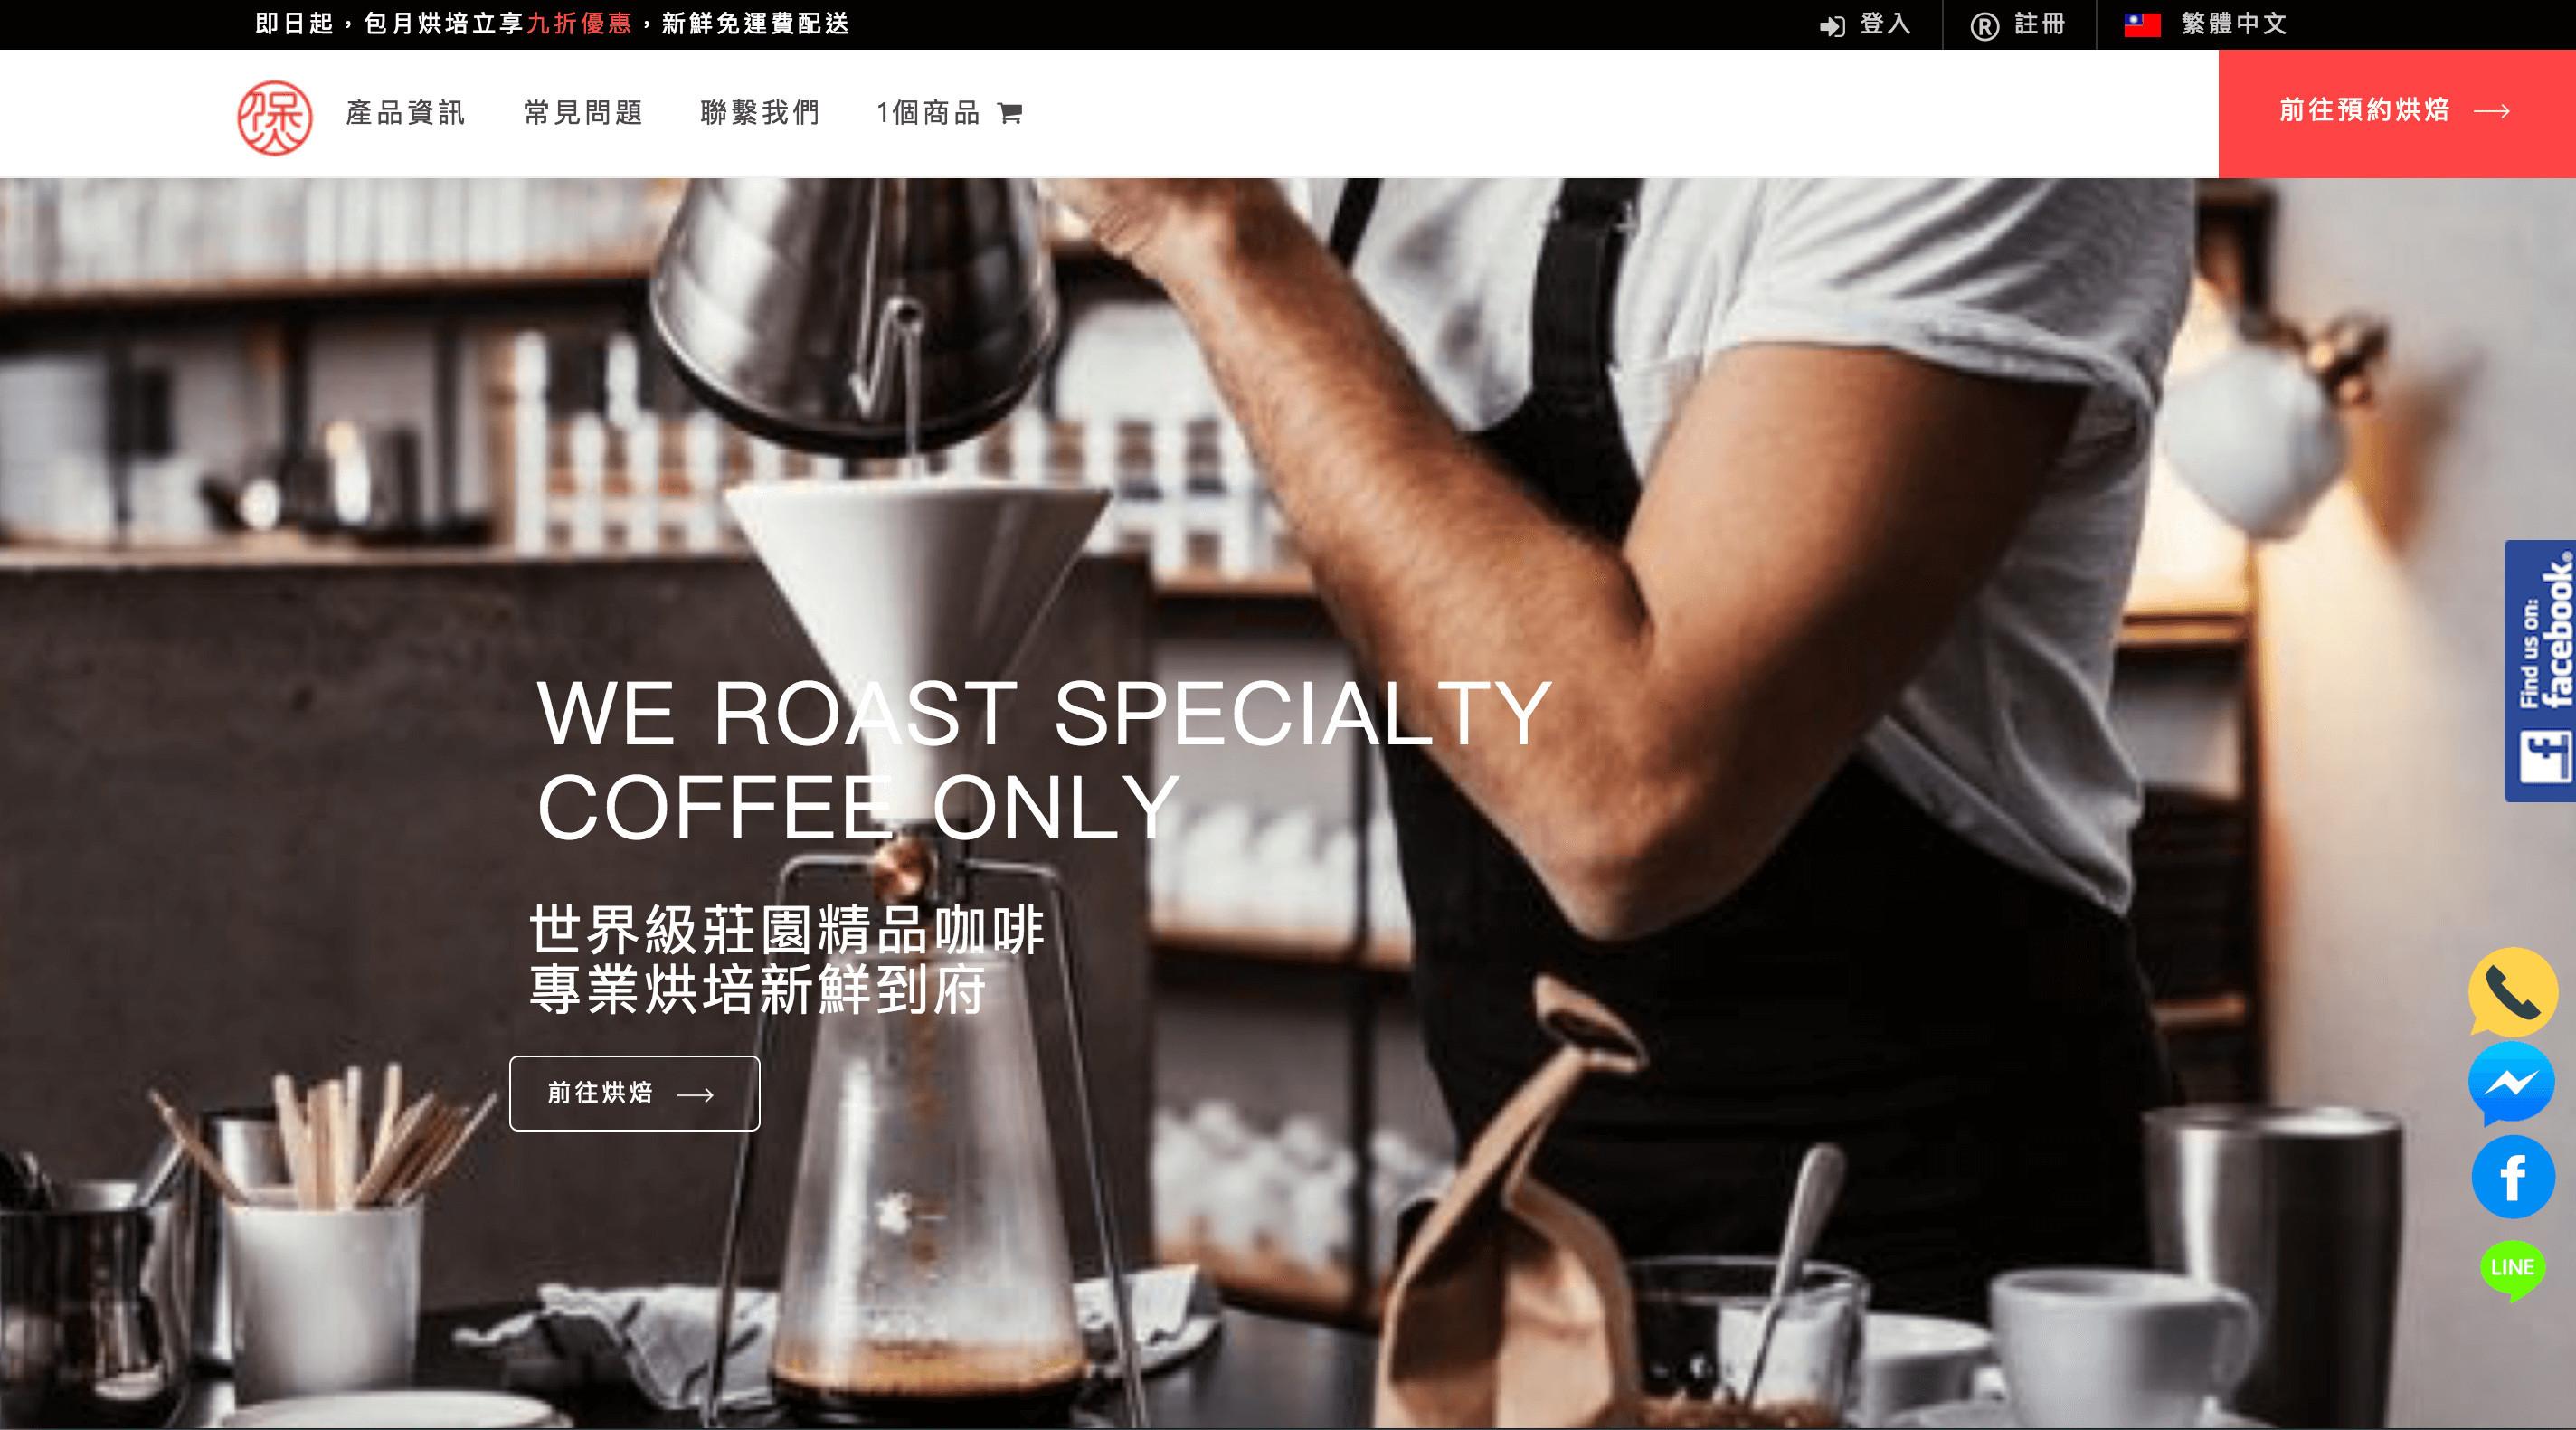 鯊客科技客製化網站成功案例-煲咖啡